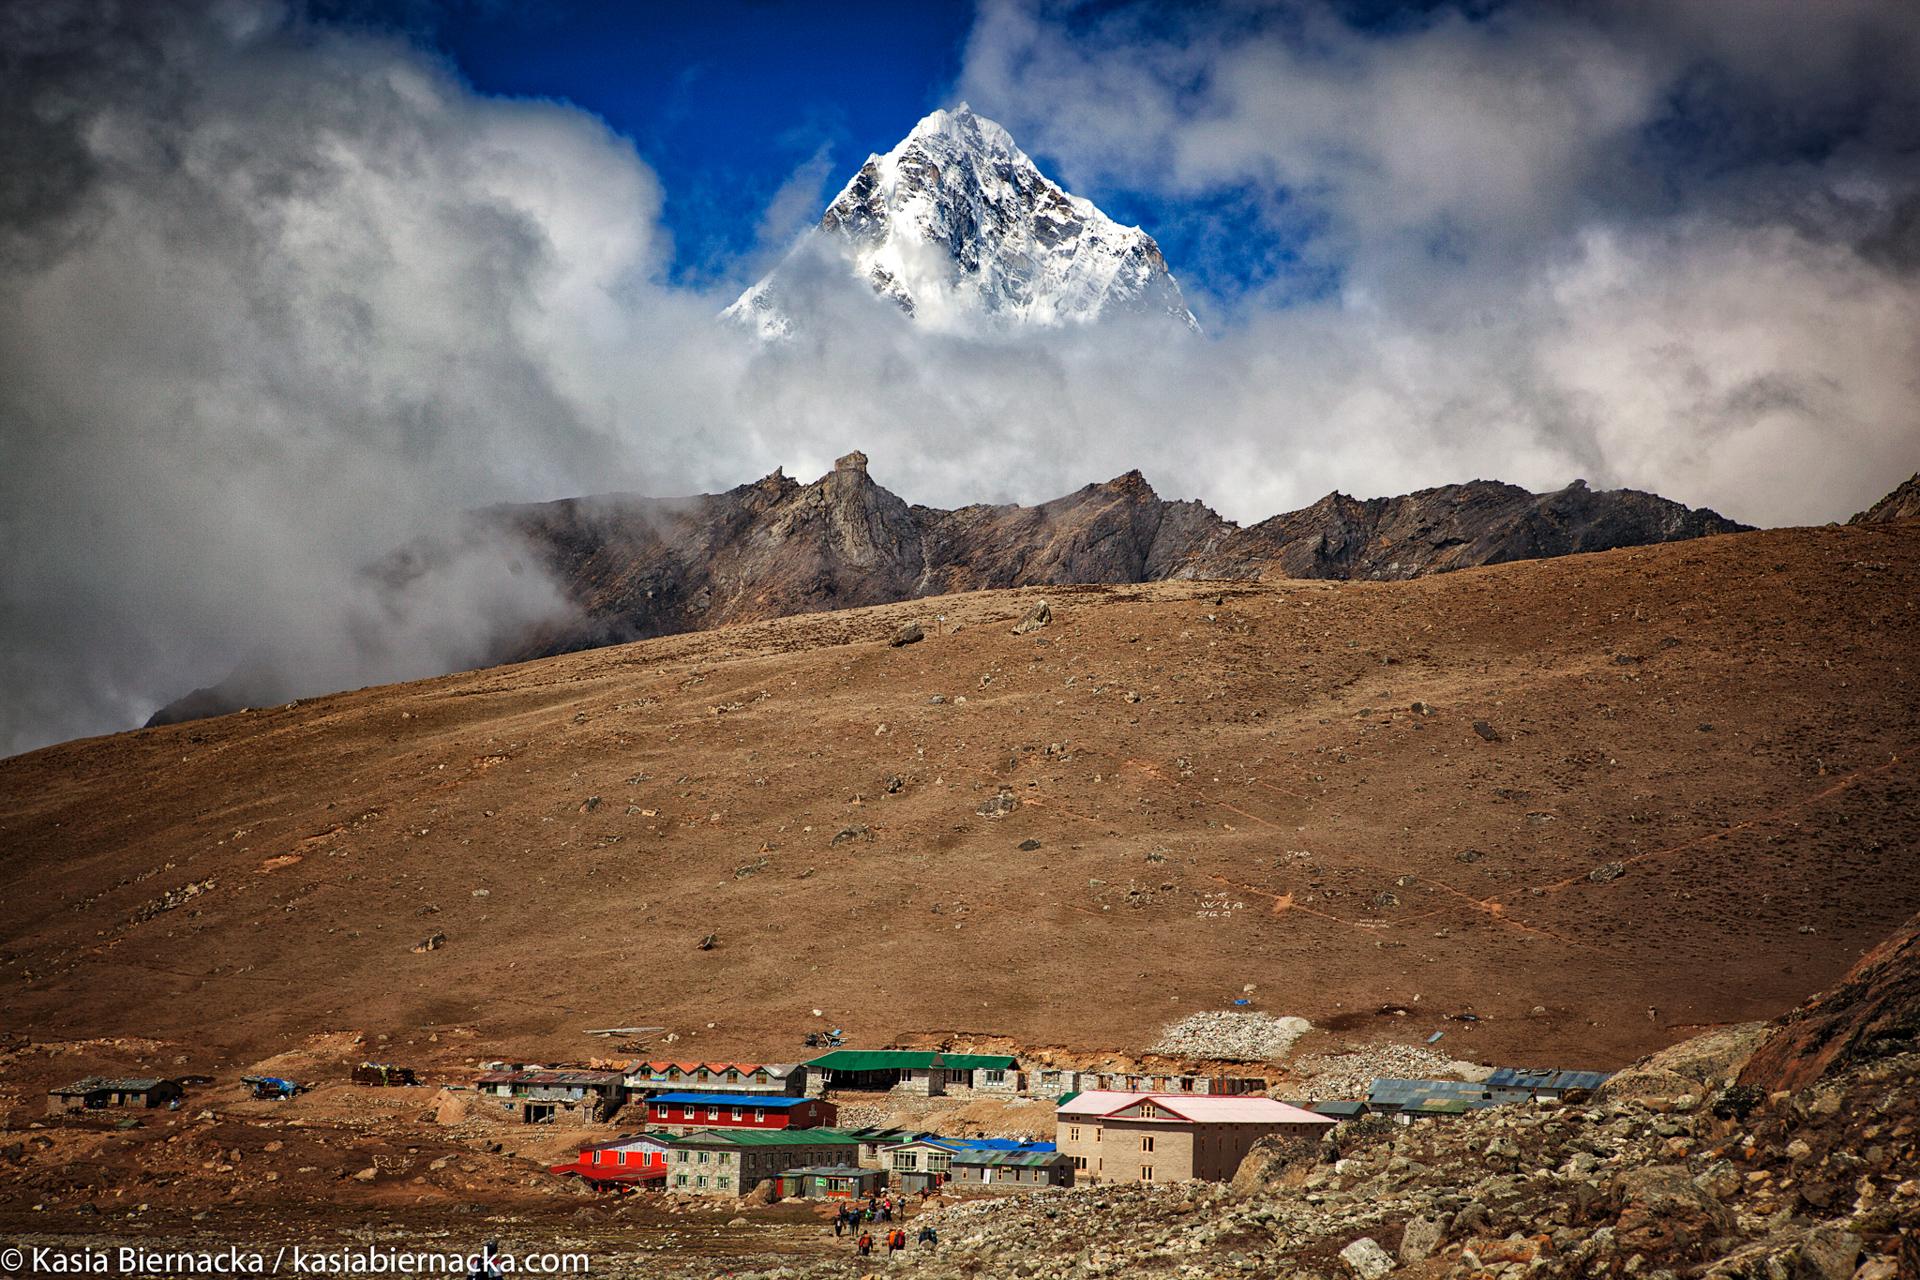 Himalaje - Jak wysokie są najwyższe góry świata Himalaje i jak one powstały? Po co jeżdżą tam wspinacze? Jak się czuje człowiek na kilku tysiącach metrów nad poziomem morza? Czym się różni życie mieszkających w Himalajach Nepalczyków od naszego? Jak wyglądają ich domy, pismo, jedzenie i stroje?Podczas zajęć zrobimy między innymi makietę himalajskich ośmiotysięczników. Zapytaj / zamów zajęcia - kontakt.Galerię moich zdjęć z Himalajów Nepalu zobaczysz tutaj.